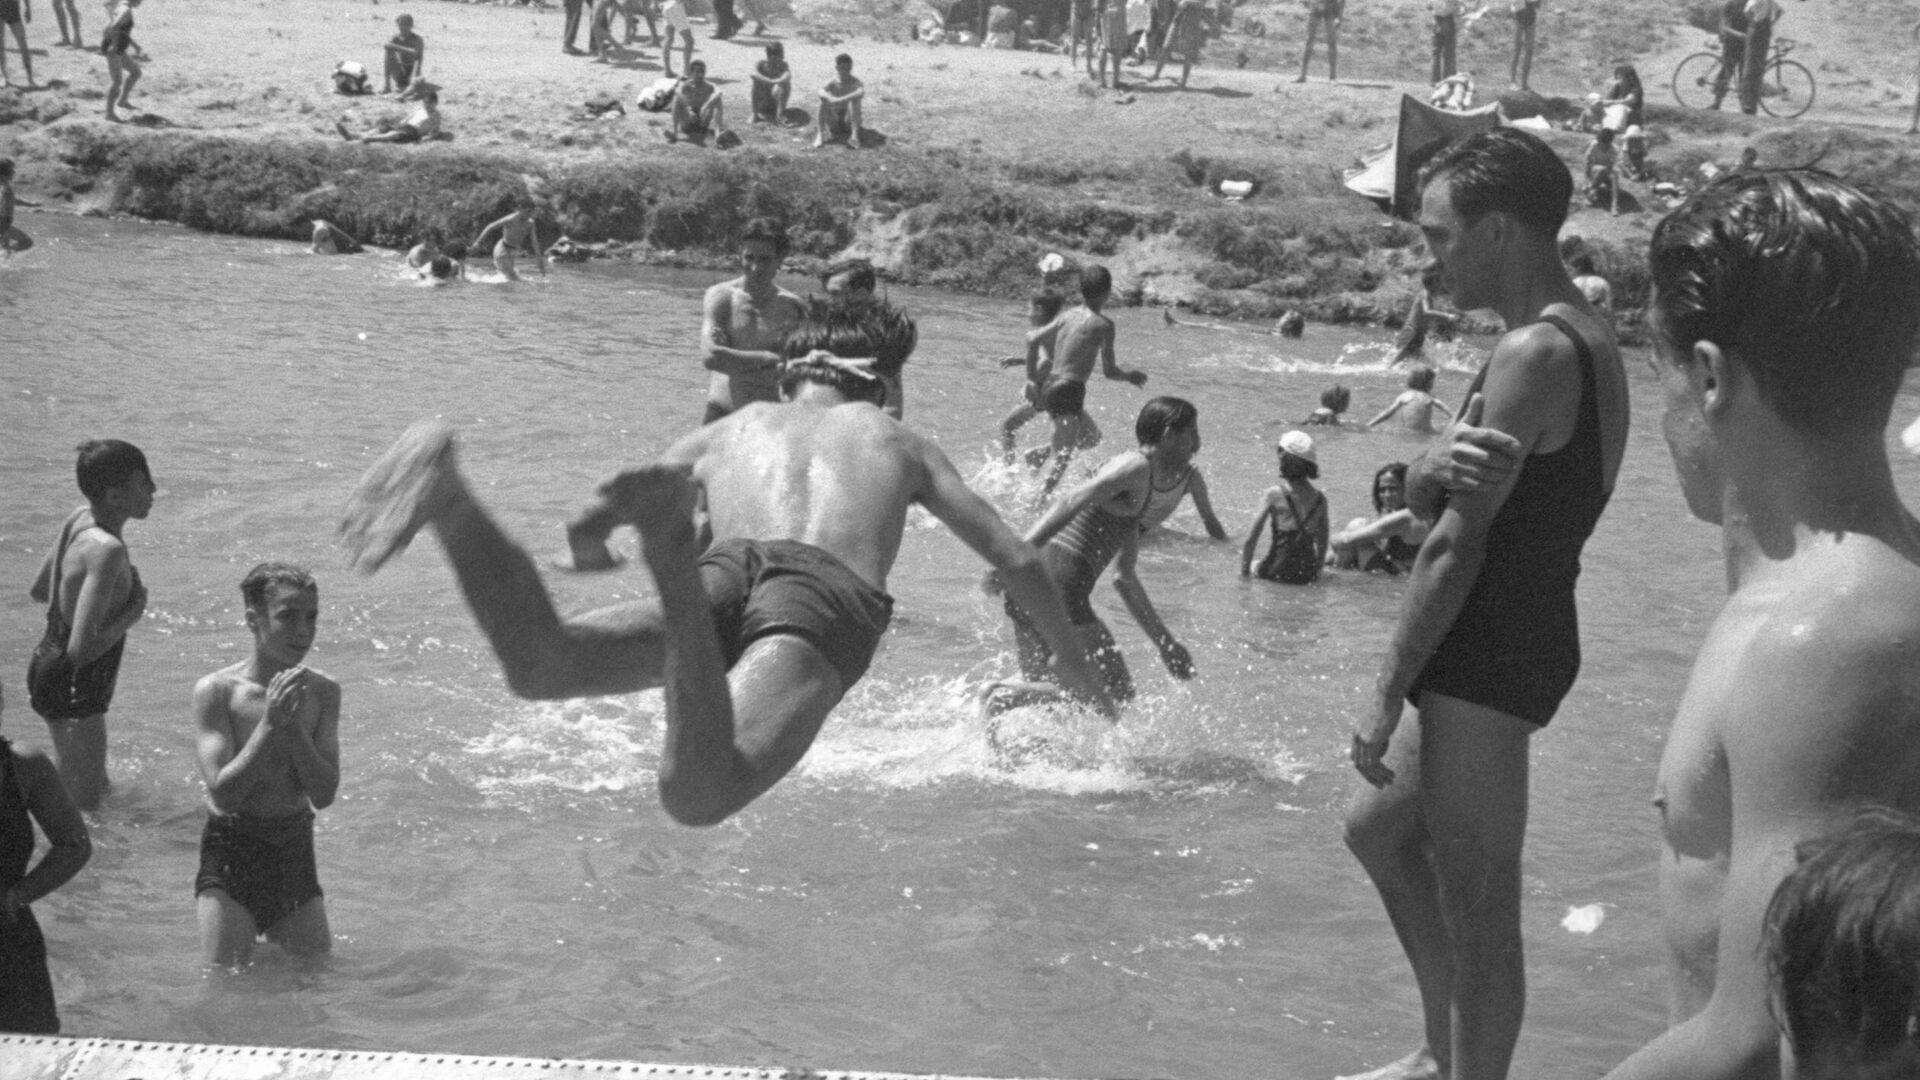 Baño en el río Manzanares de Madrid, en 1940 - Sputnik Mundo, 1920, 19.09.2021